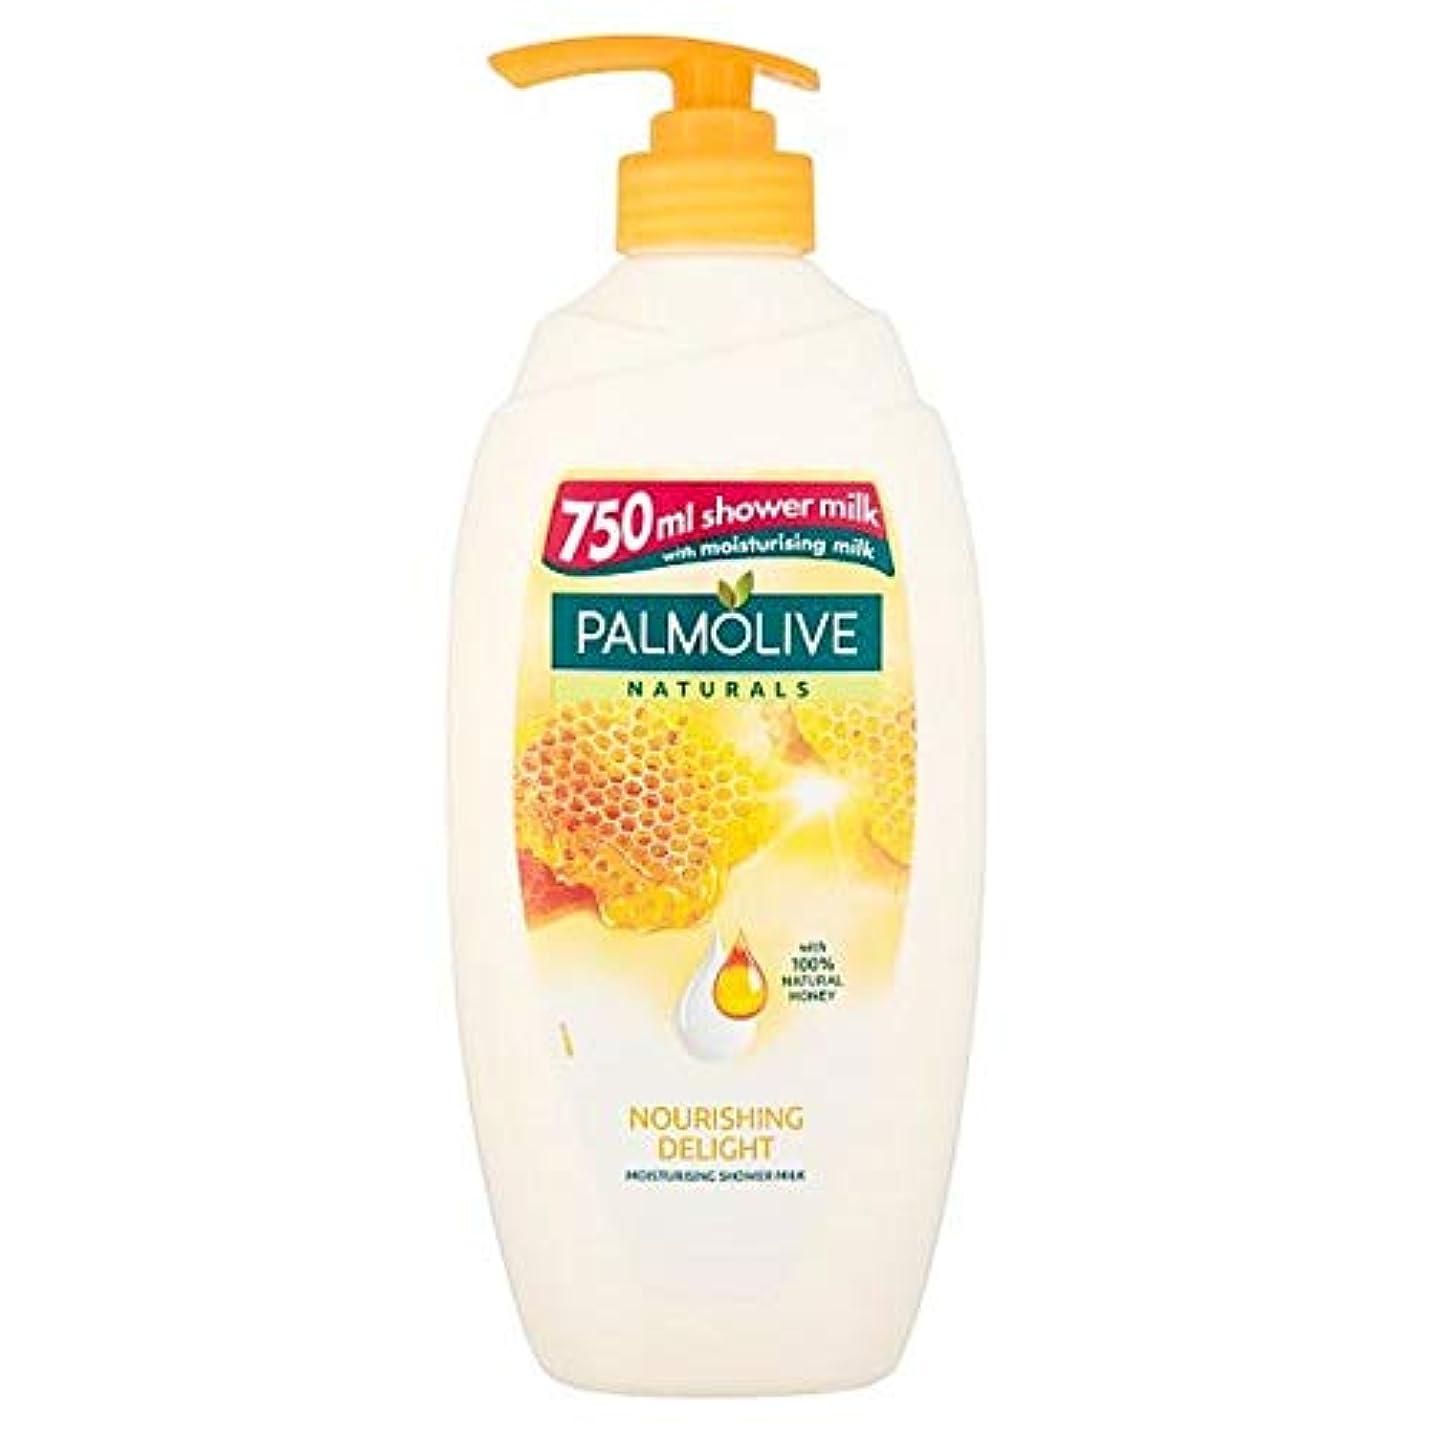 絶縁するステートメント政府[Palmolive ] パルモナチュラルミルクとはちみつシャワージェル750ミリリットル - Palmolive Naturals Milk And Honey Shower Gel 750Ml [並行輸入品]